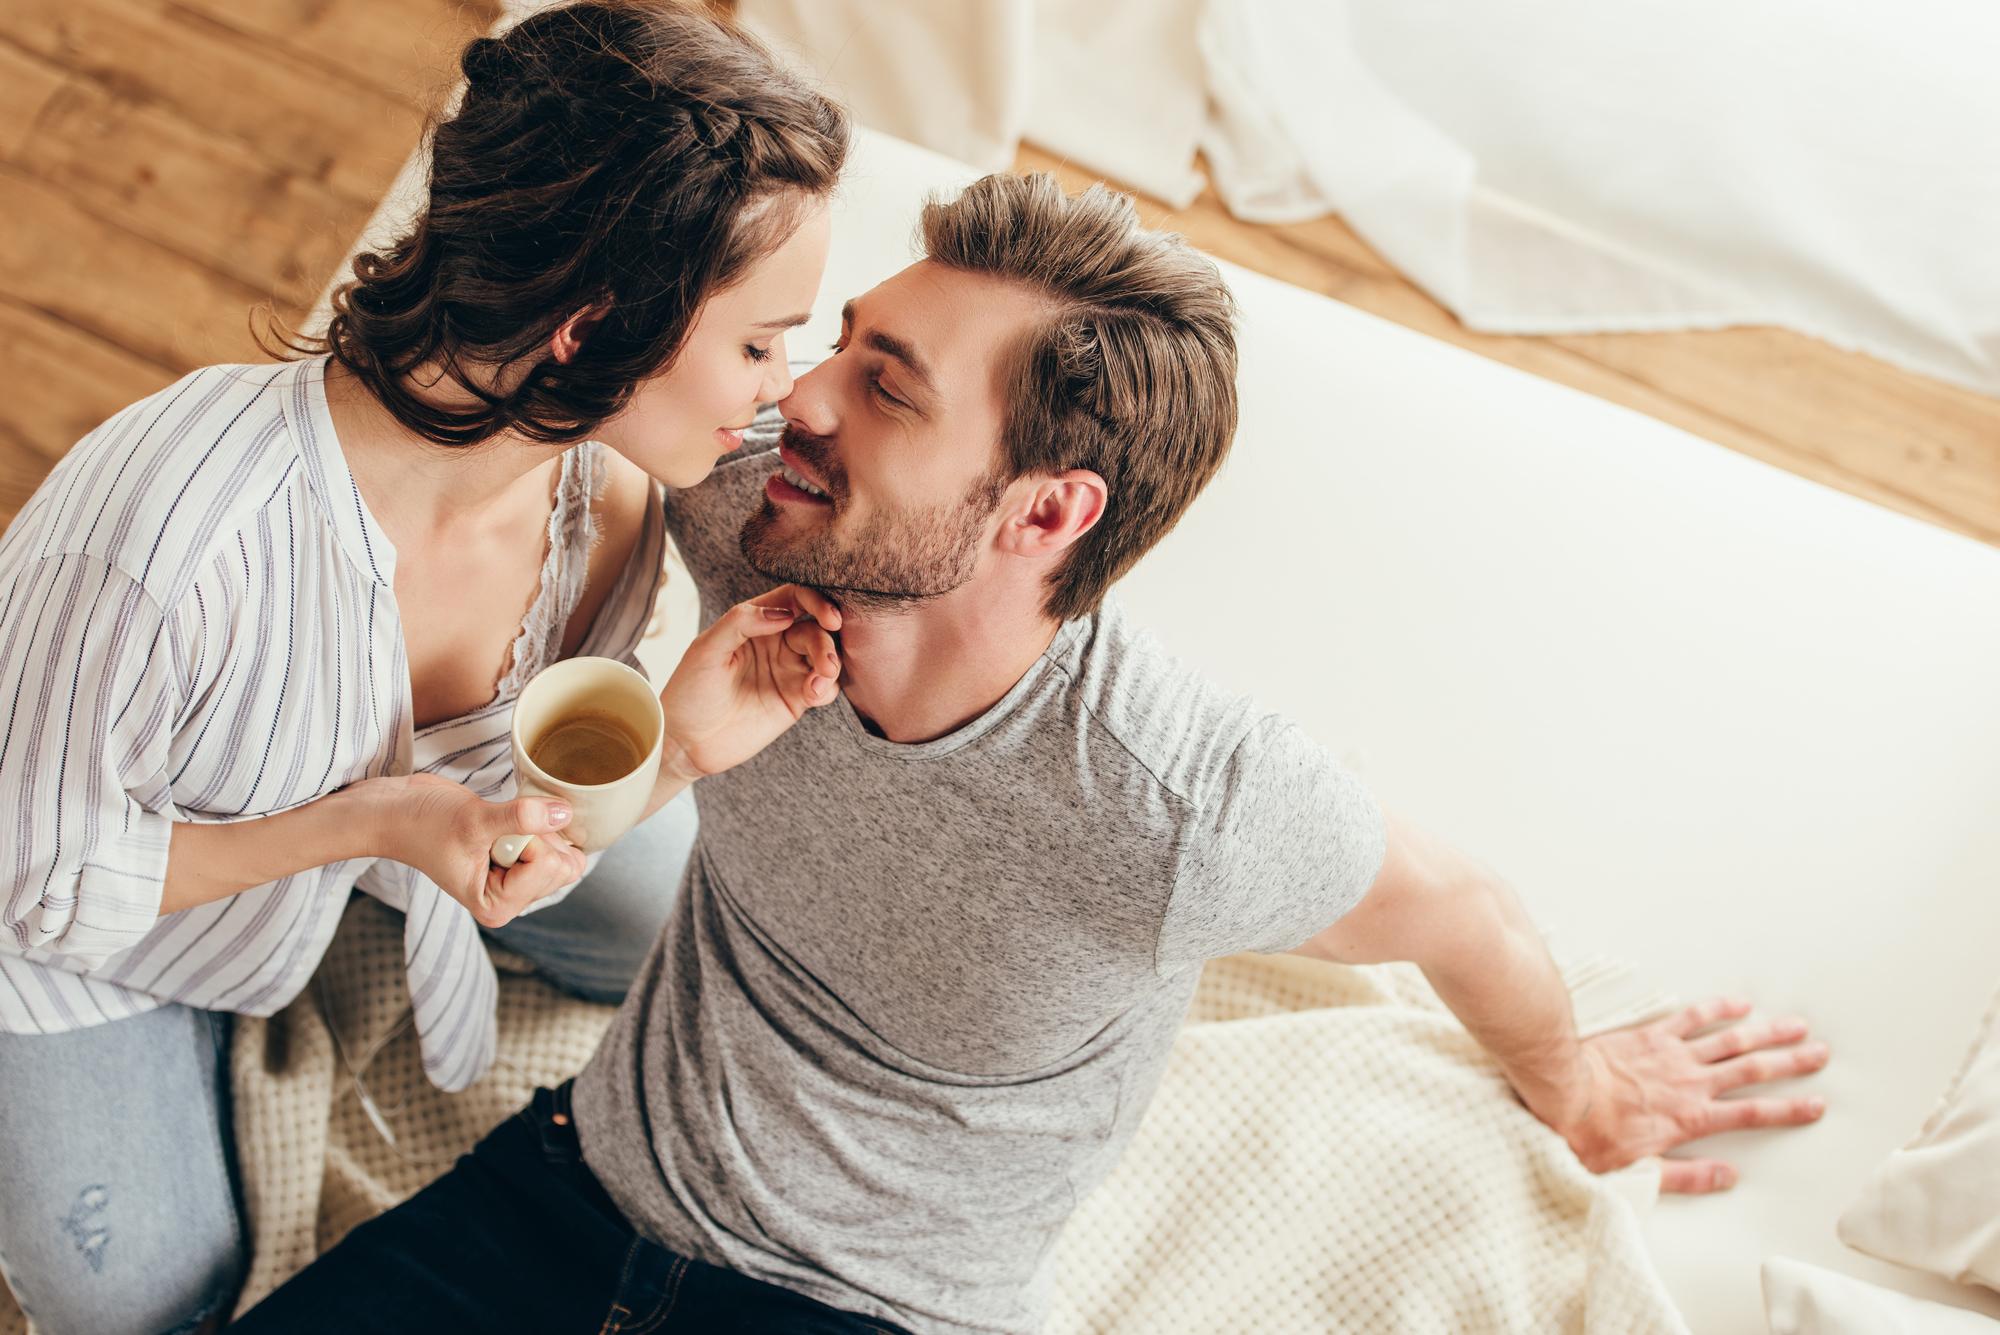 День поцелуя 2019: лучшие поздравления с праздником